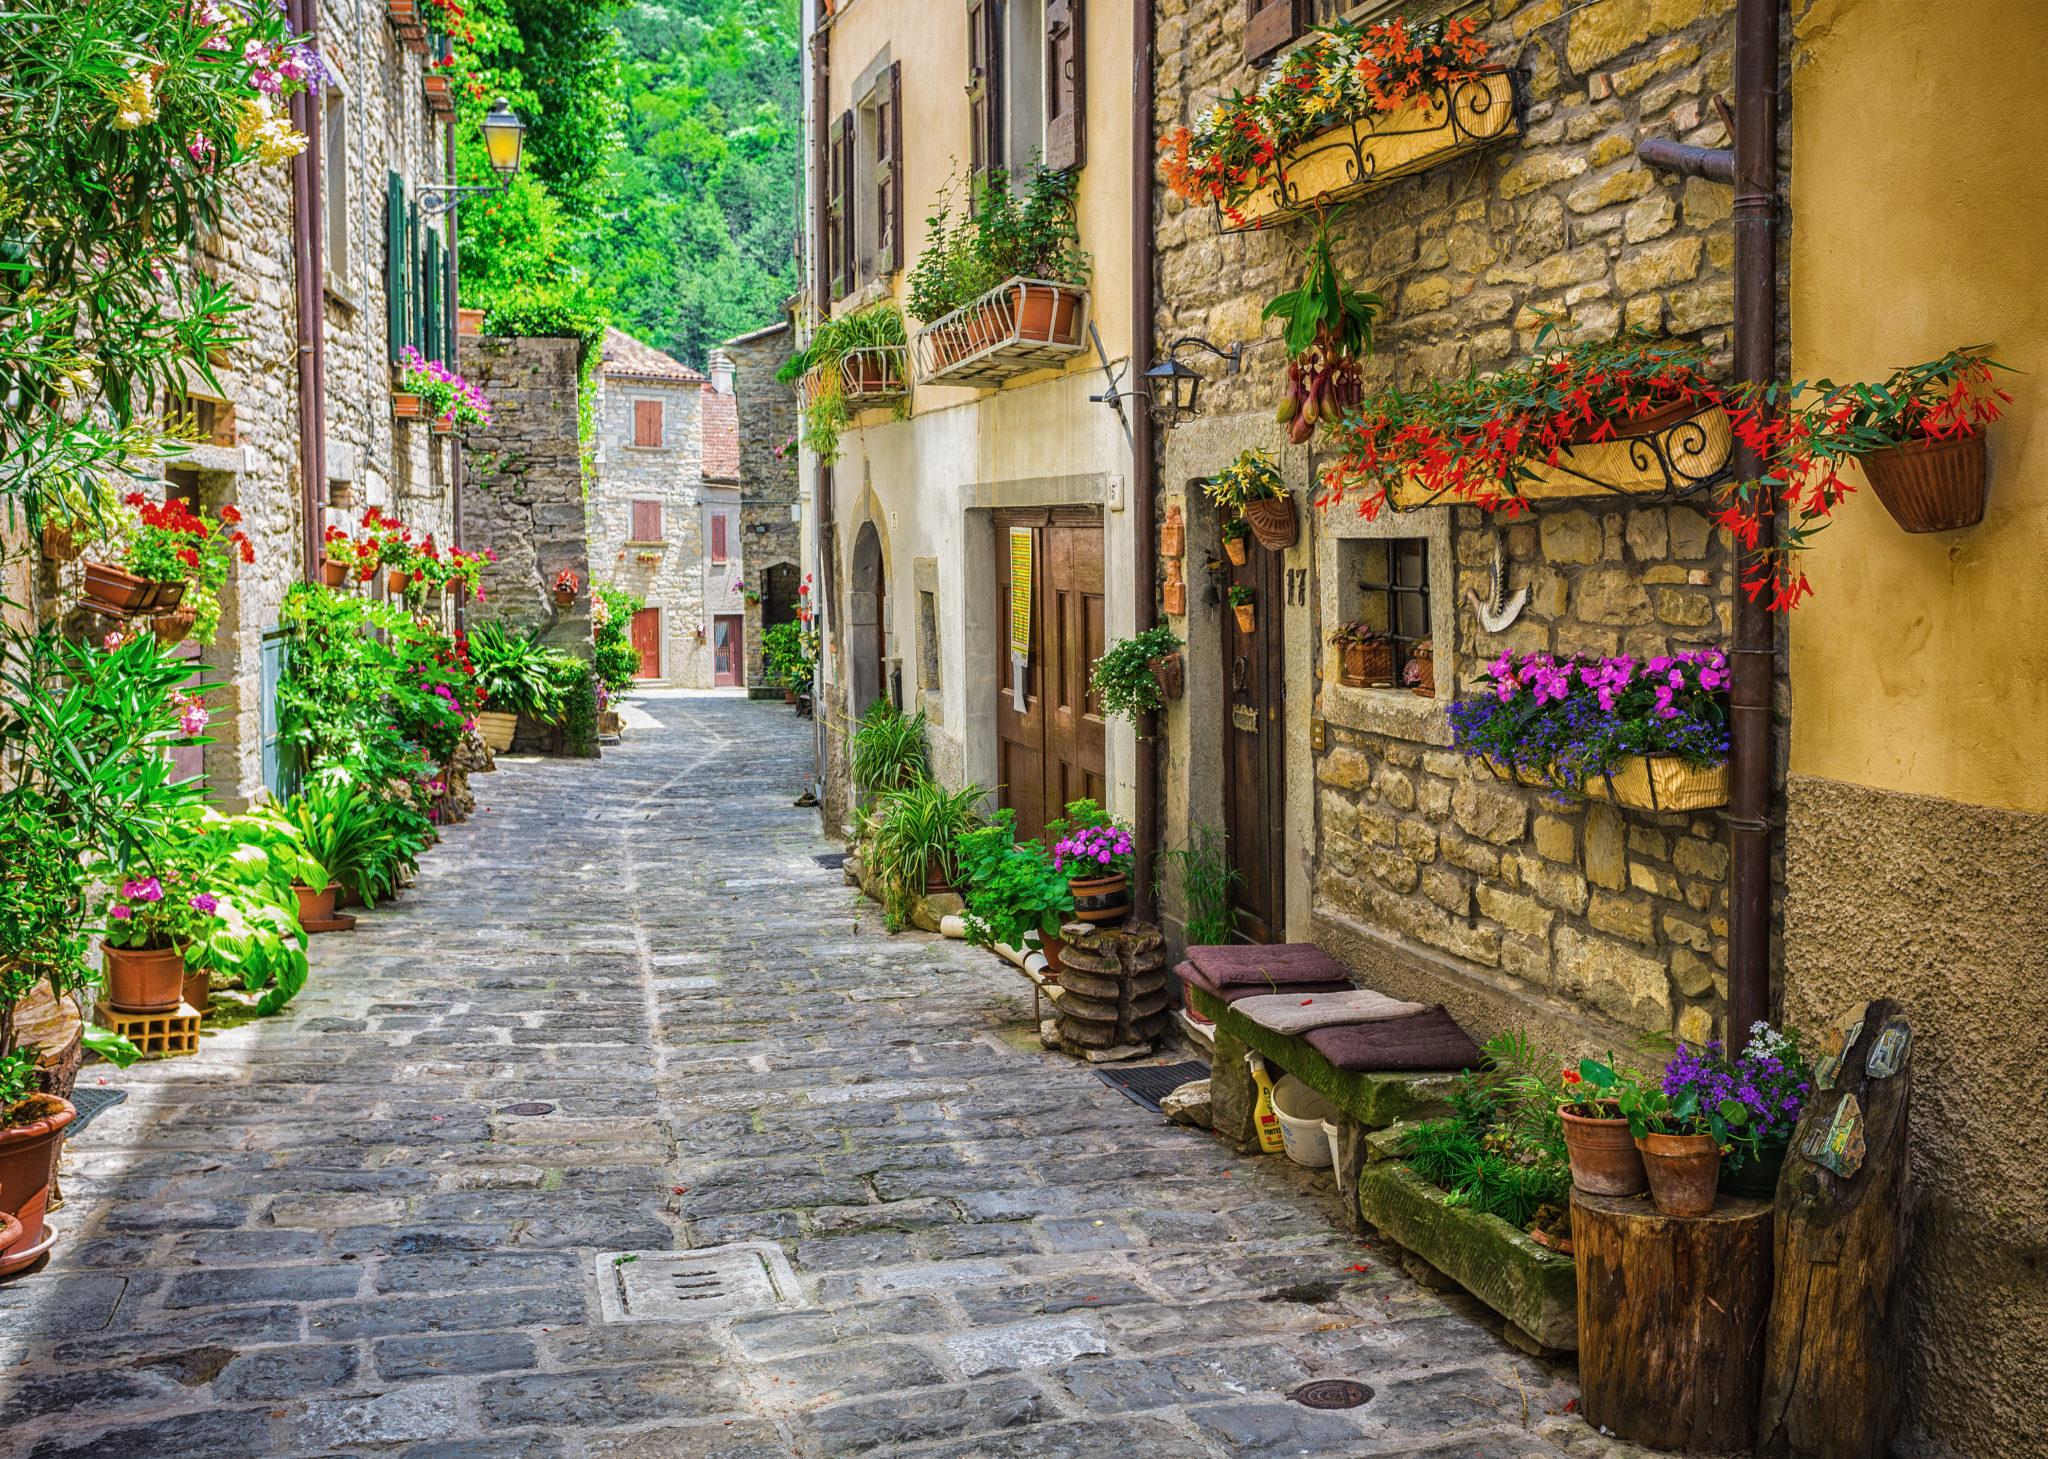 Malerische Gässchen in der Toskana